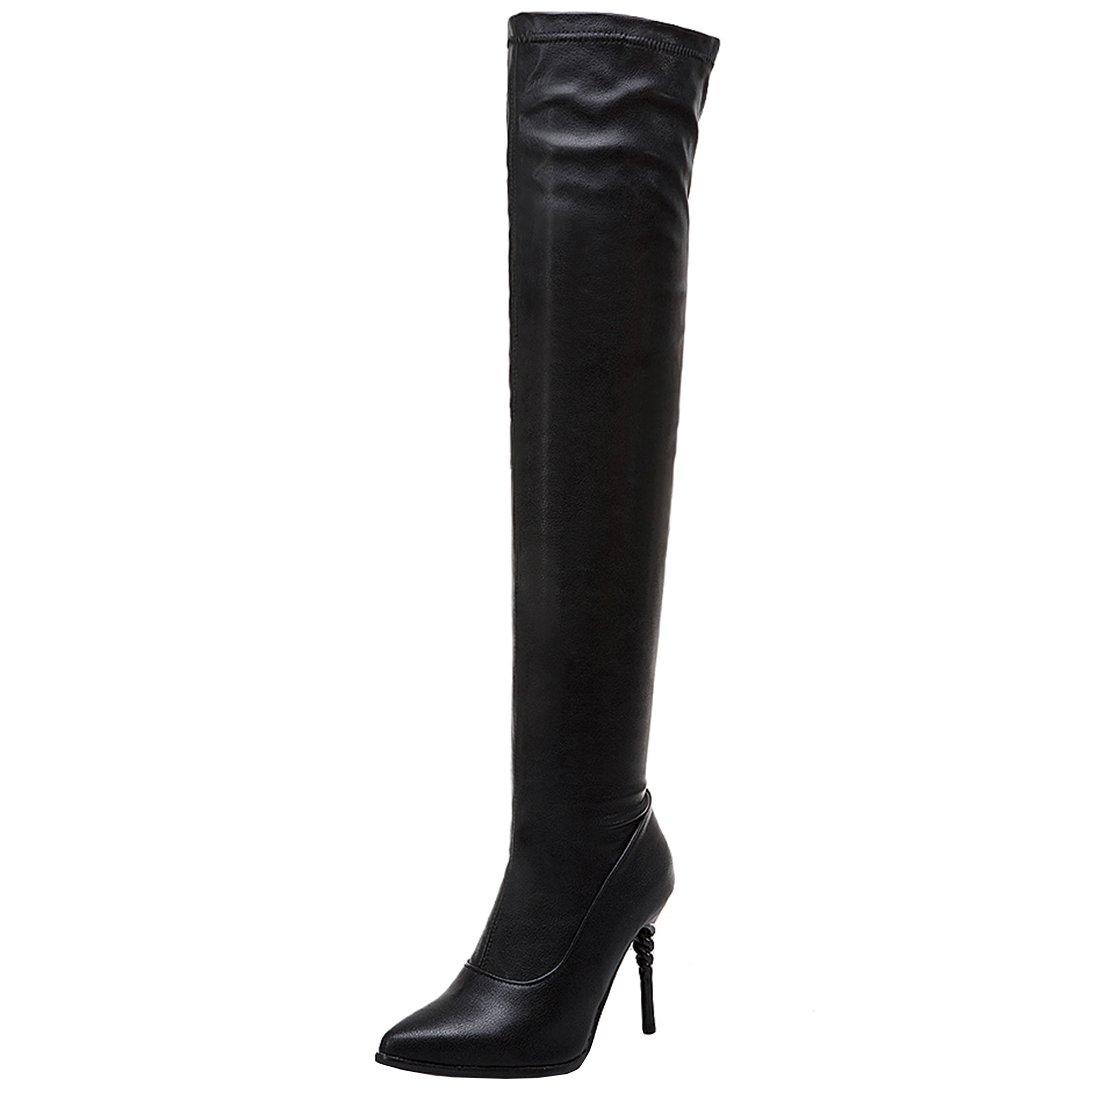 YE Chaussure Bottes Shoes Aiguille Cuissardes Noir Extensibles Stretch Femme Sexy Longue Talon Aiguille Bout Pointu Haute Winter Shoes Boots Chaude Hiver Noir 6067113 - boatplans.space